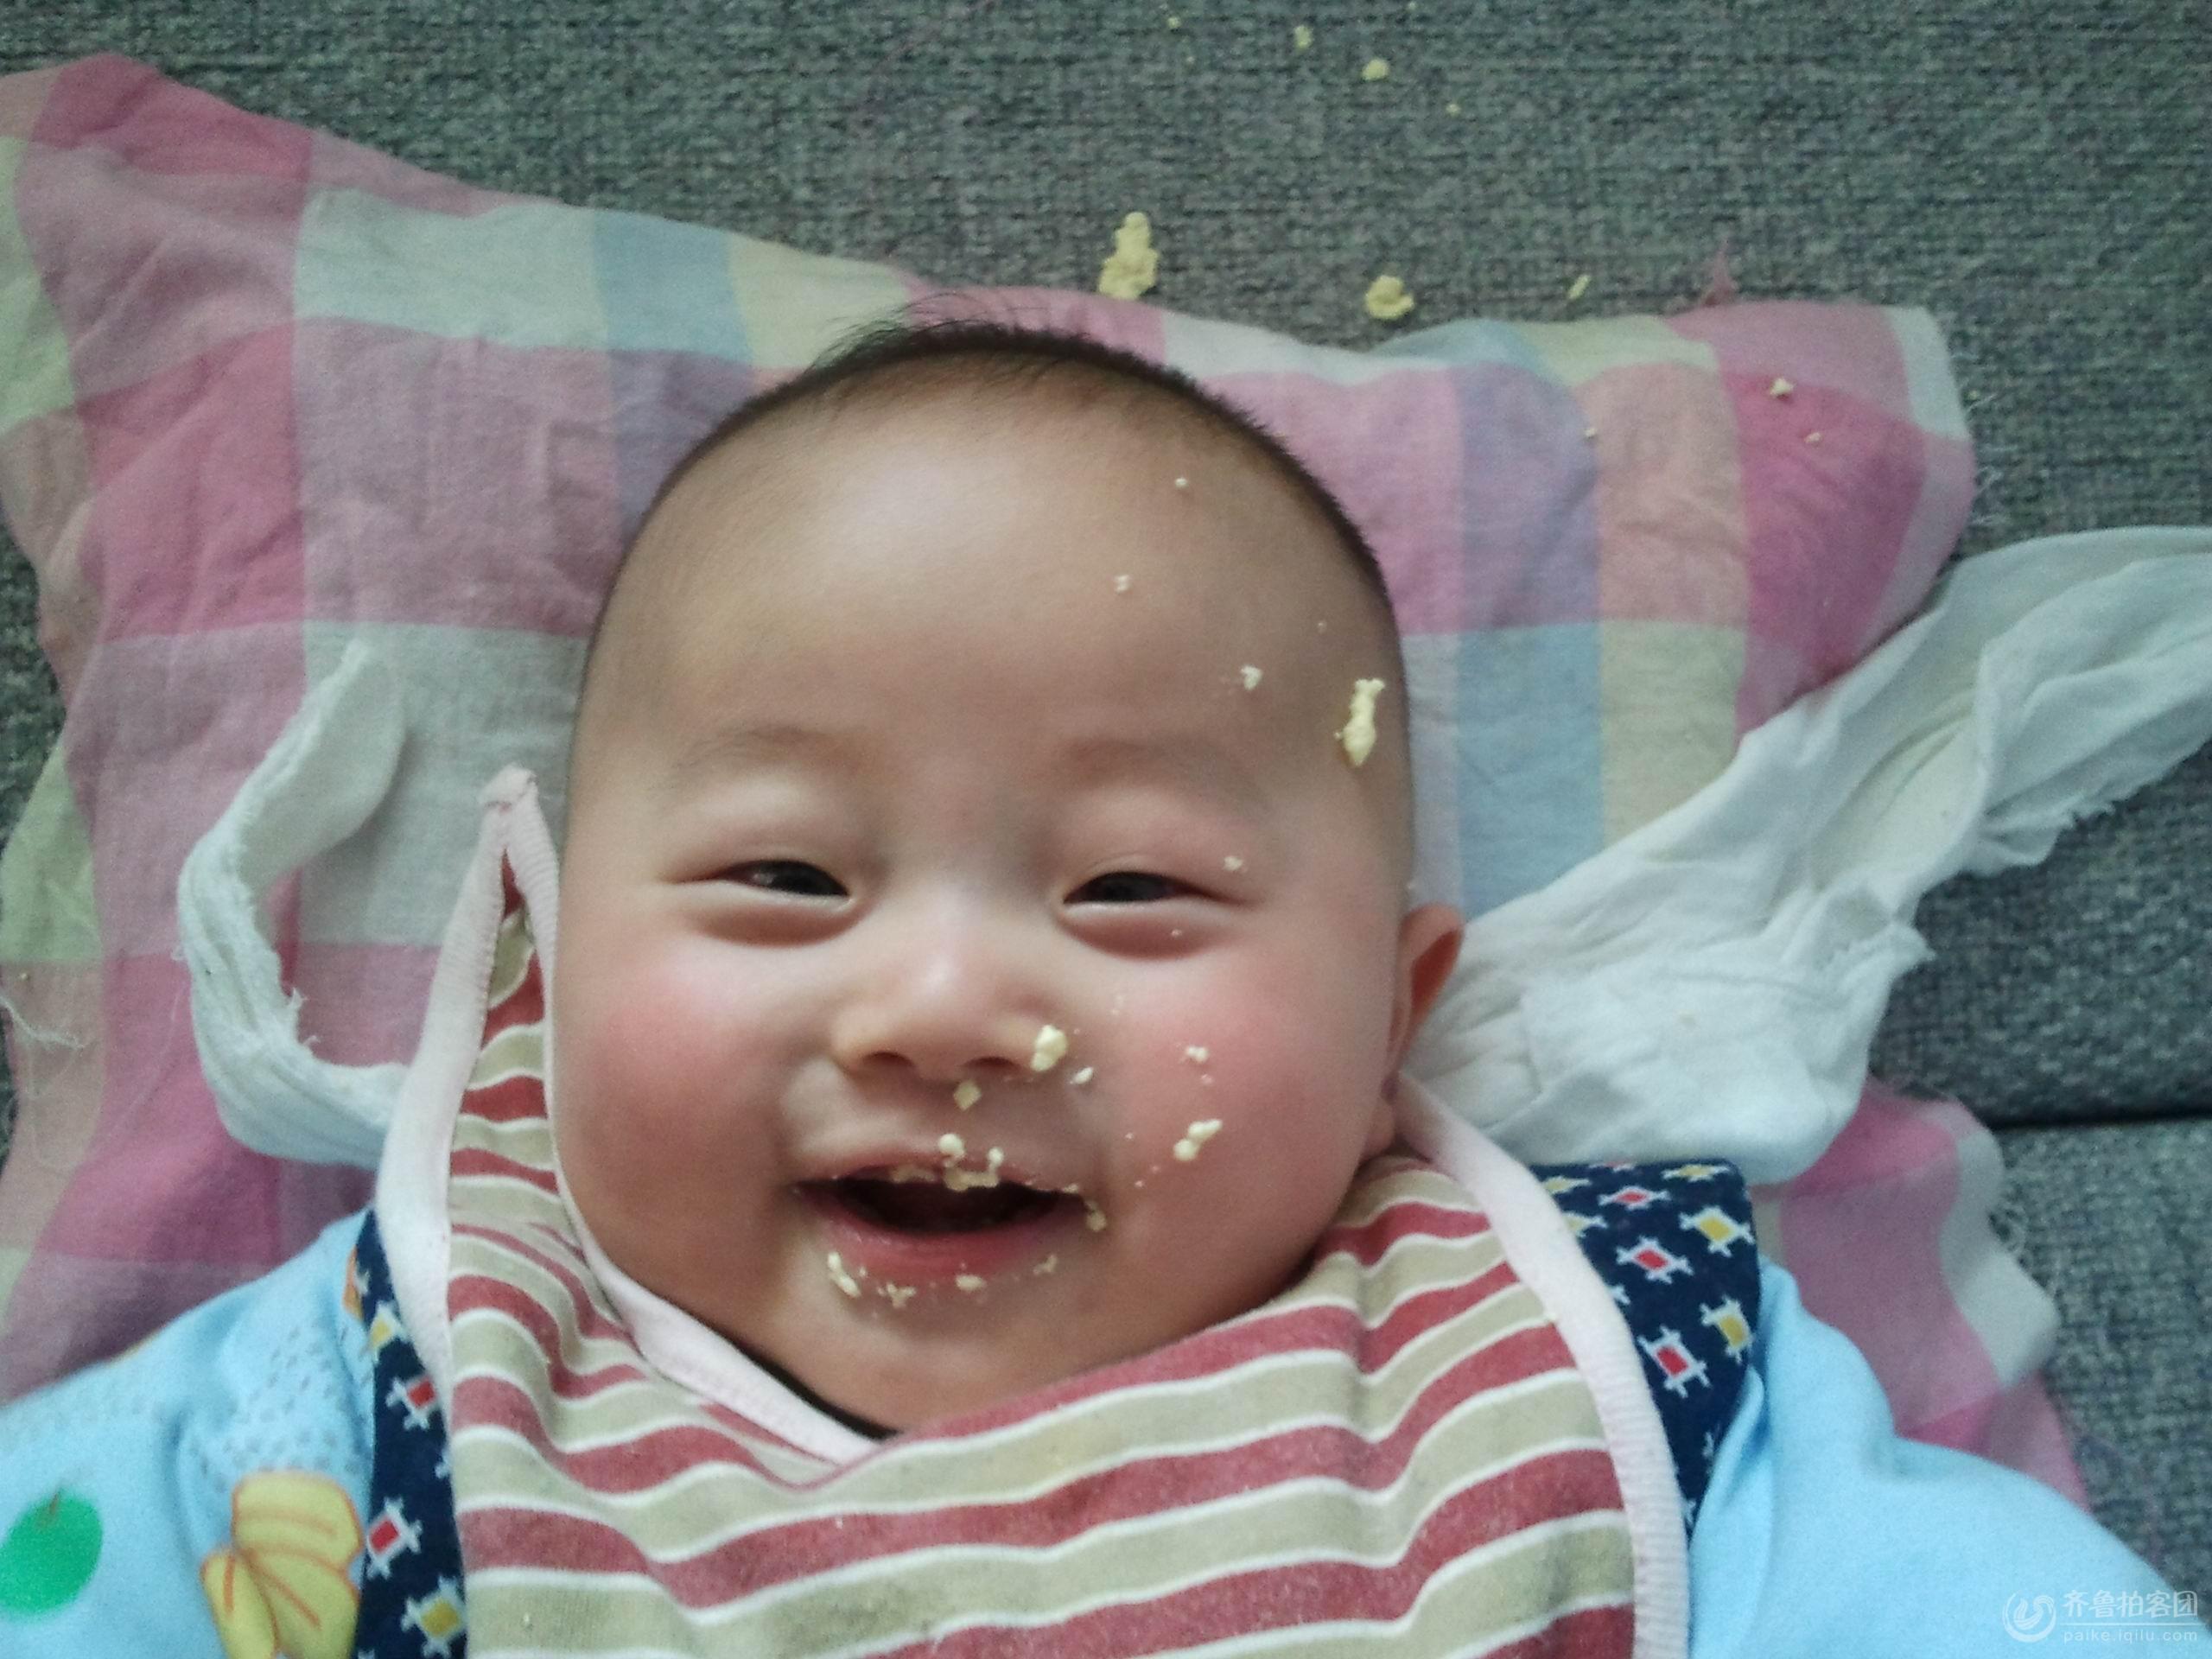 宝宝 壁纸 孩子 小孩 婴儿 2560_1920